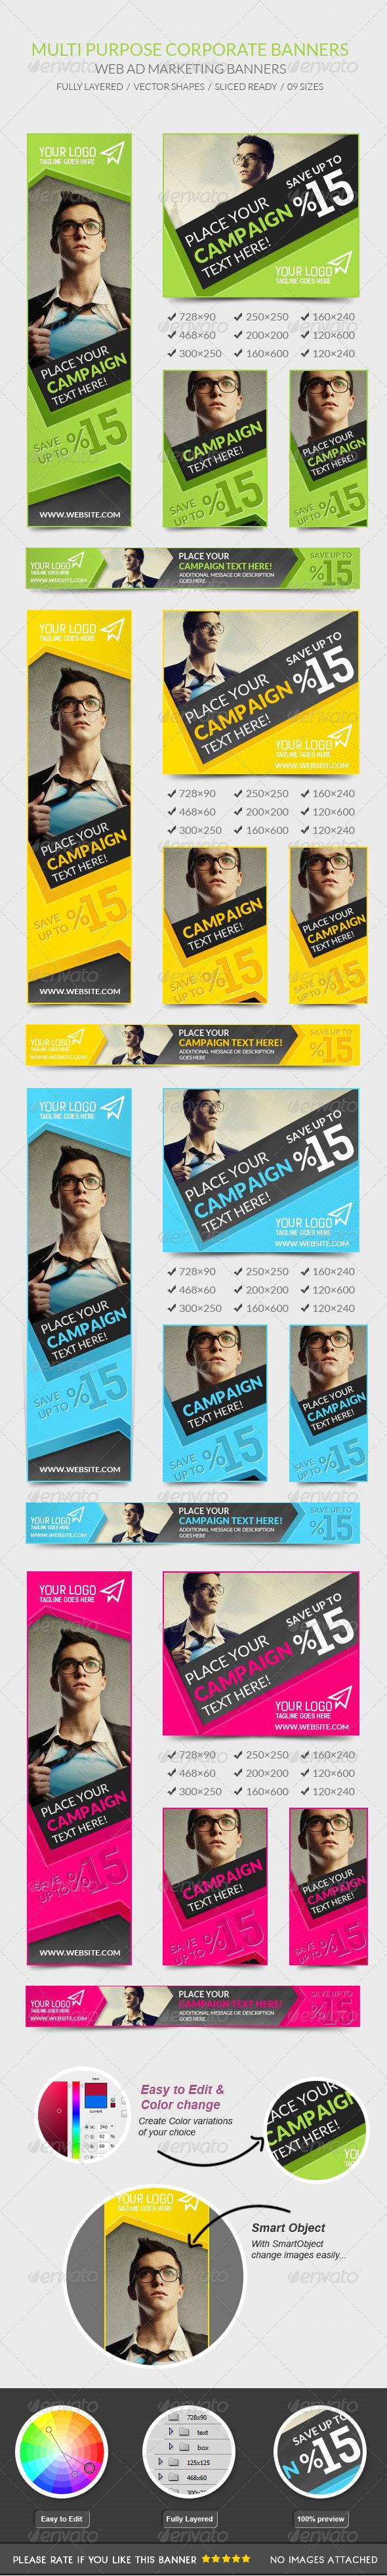 GraphicRiver Multipurpose Corporate Banners 7692940